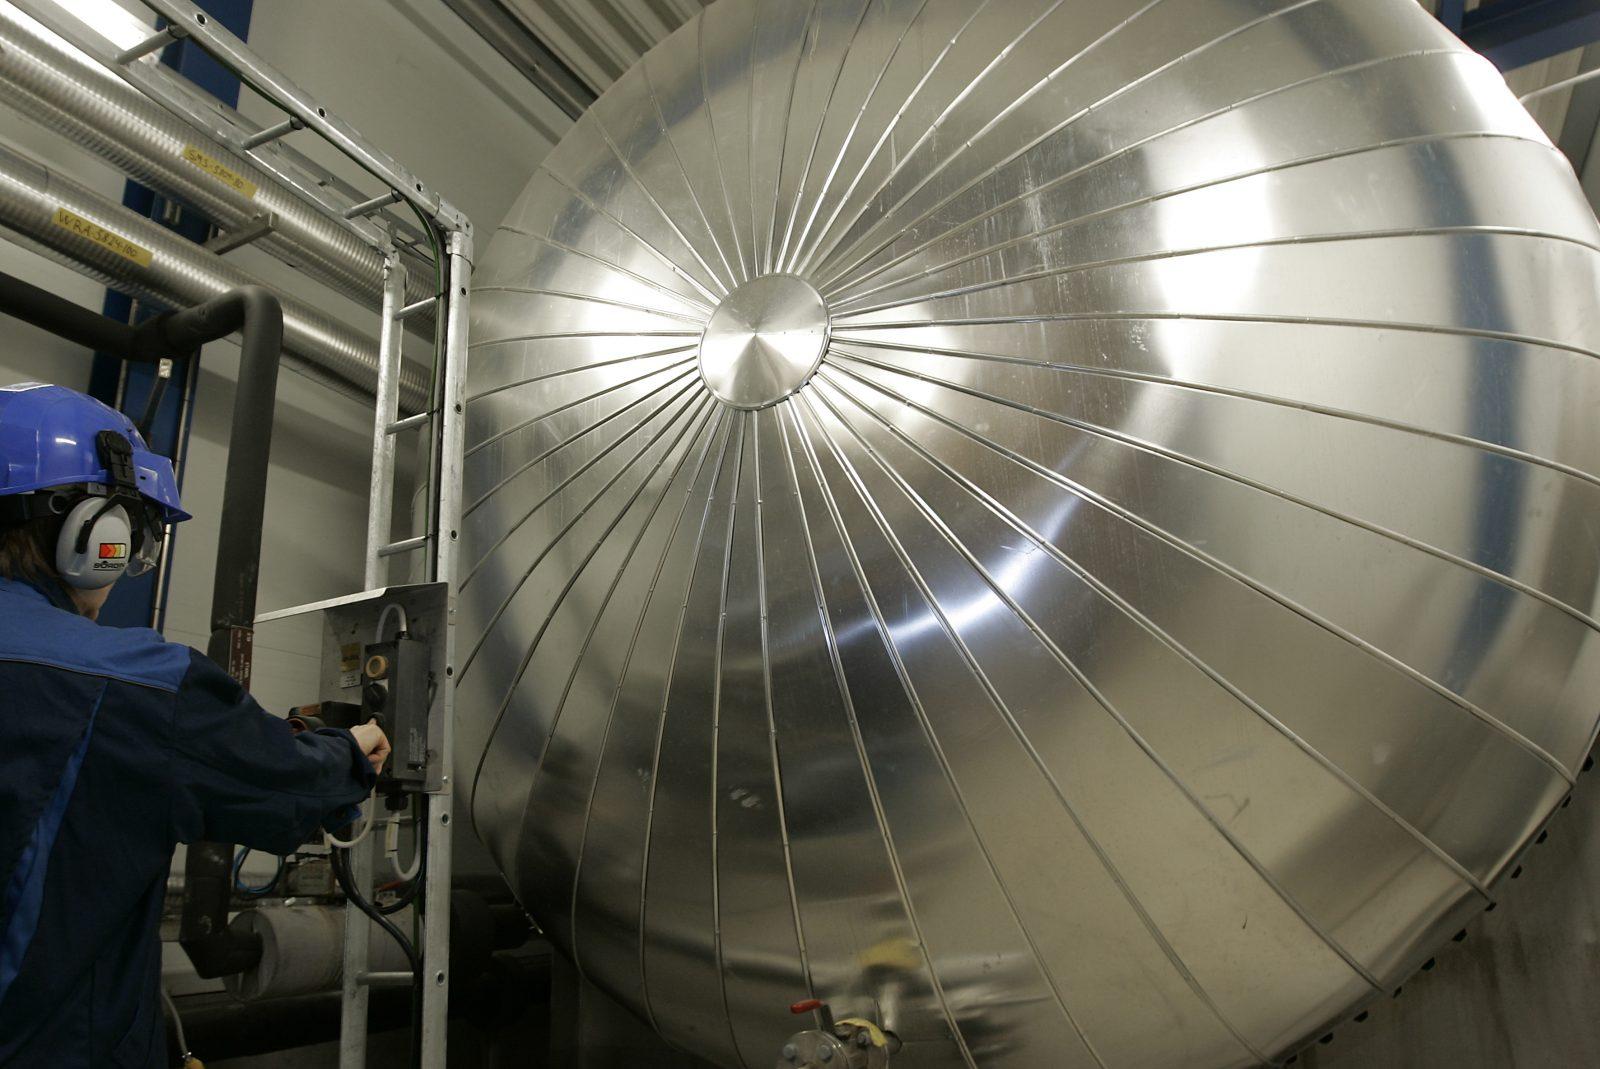 Kemi reaktor